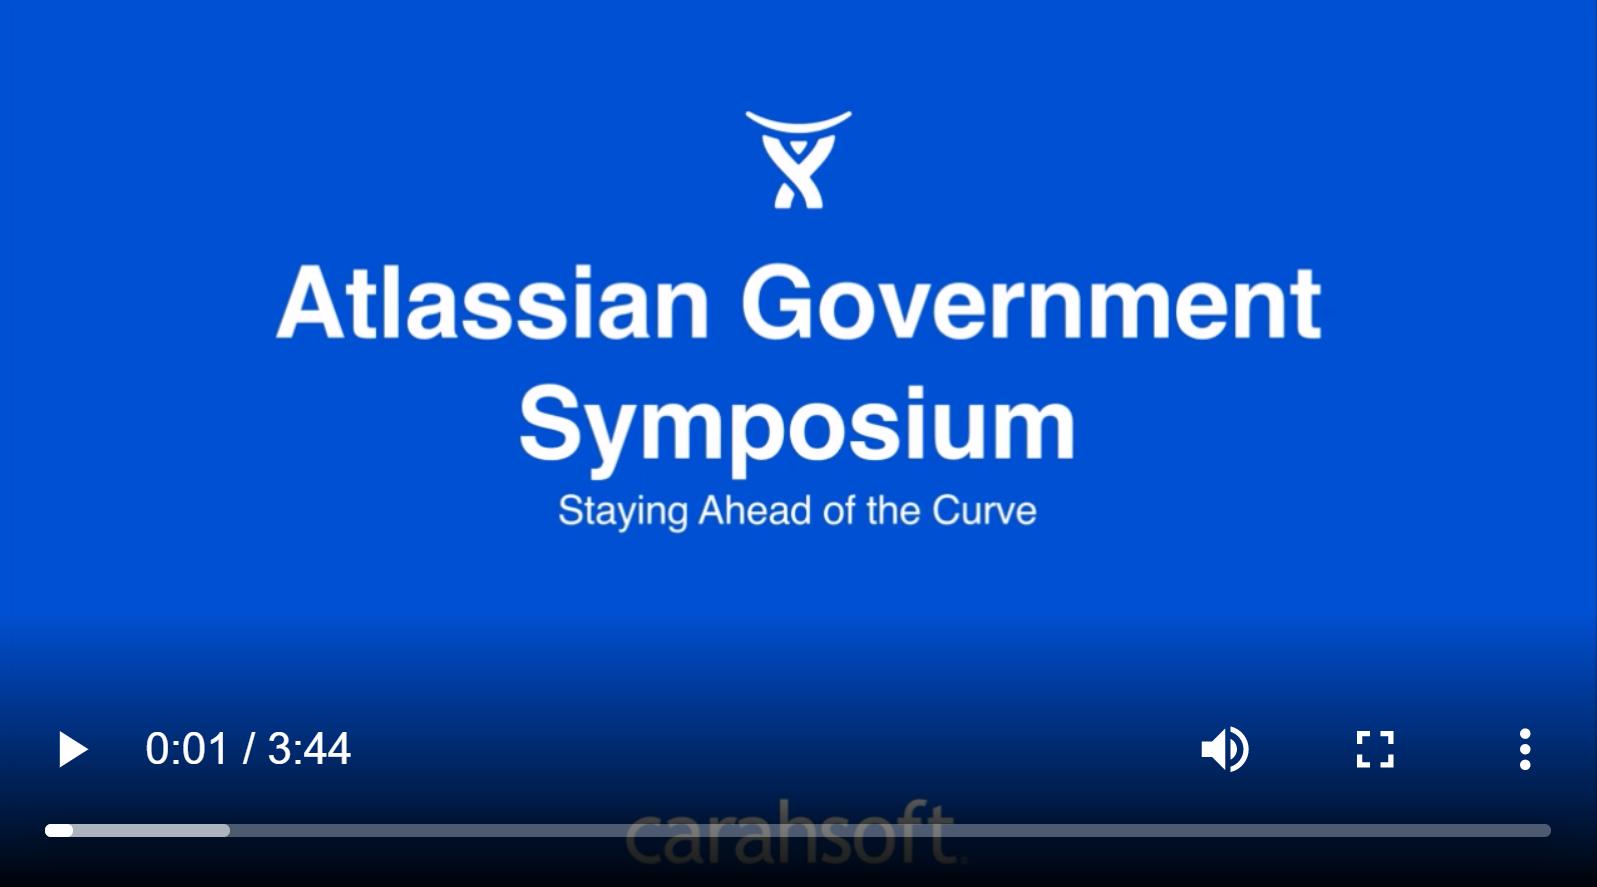 Attlassian Gov symposium